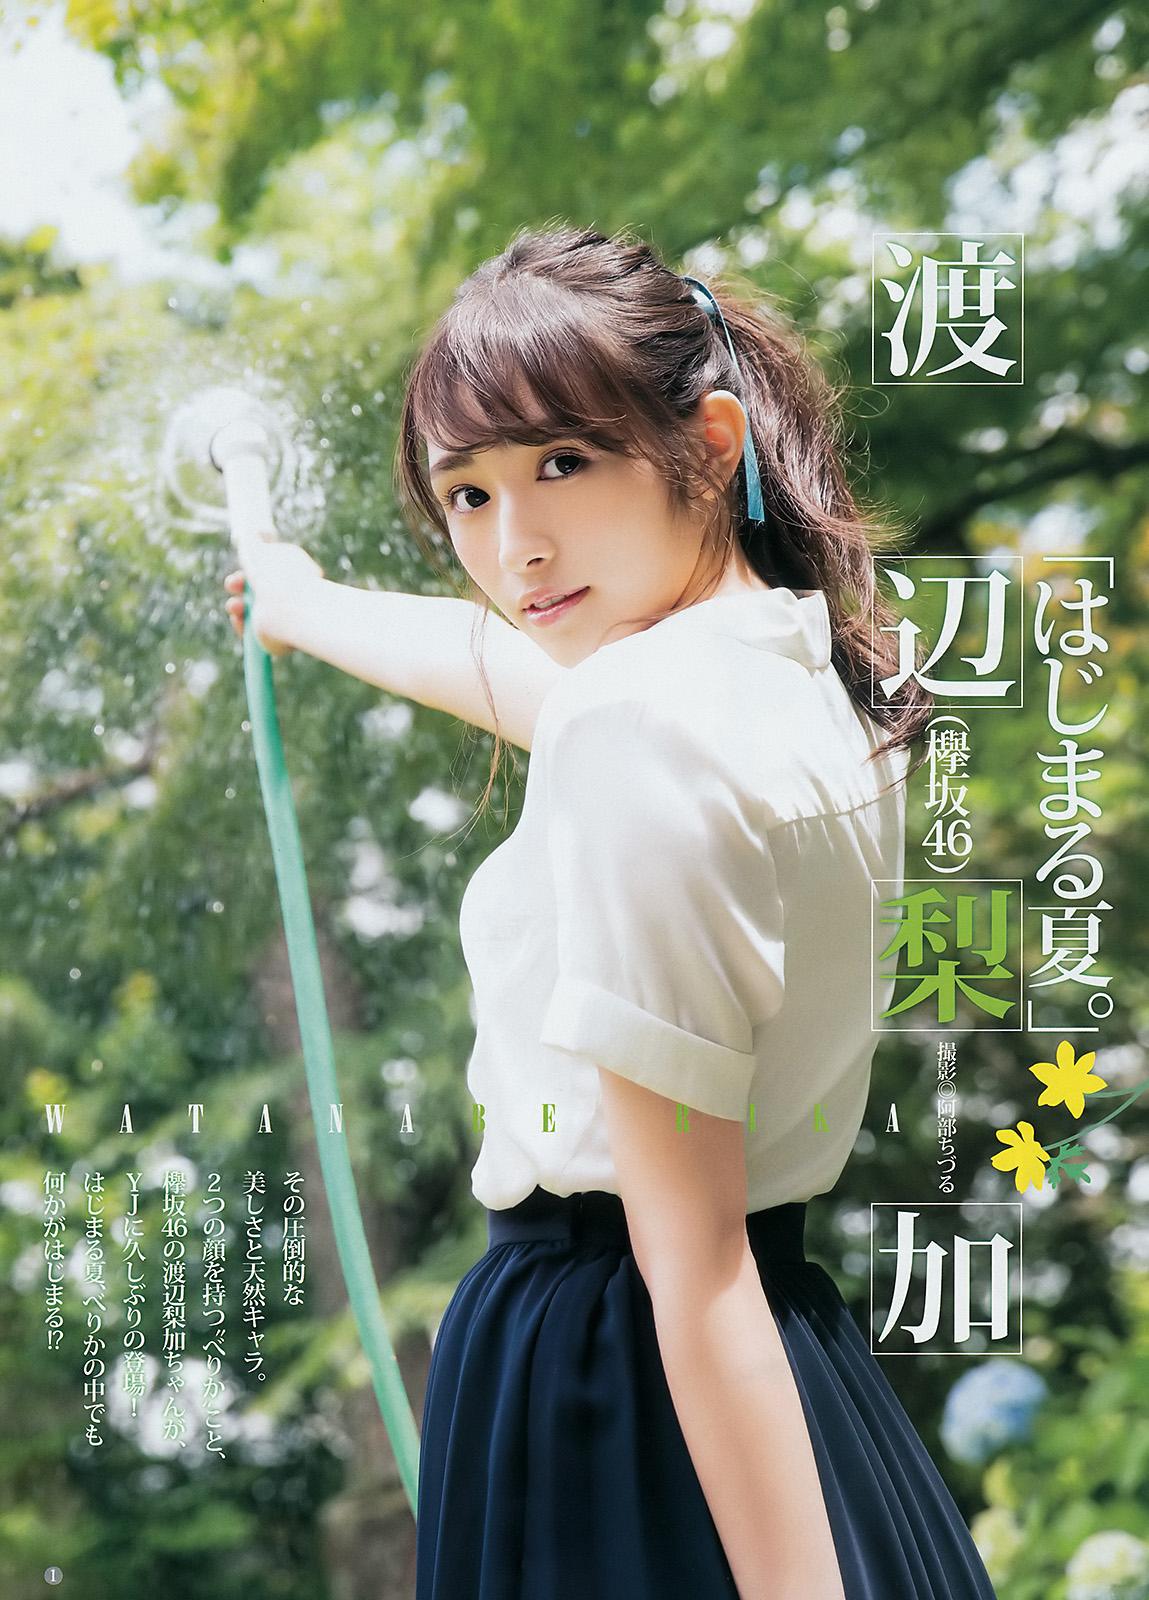 欅坂46渡辺梨加の写真集水着グラビア&アイコラエロ画像97枚・54枚目の画像